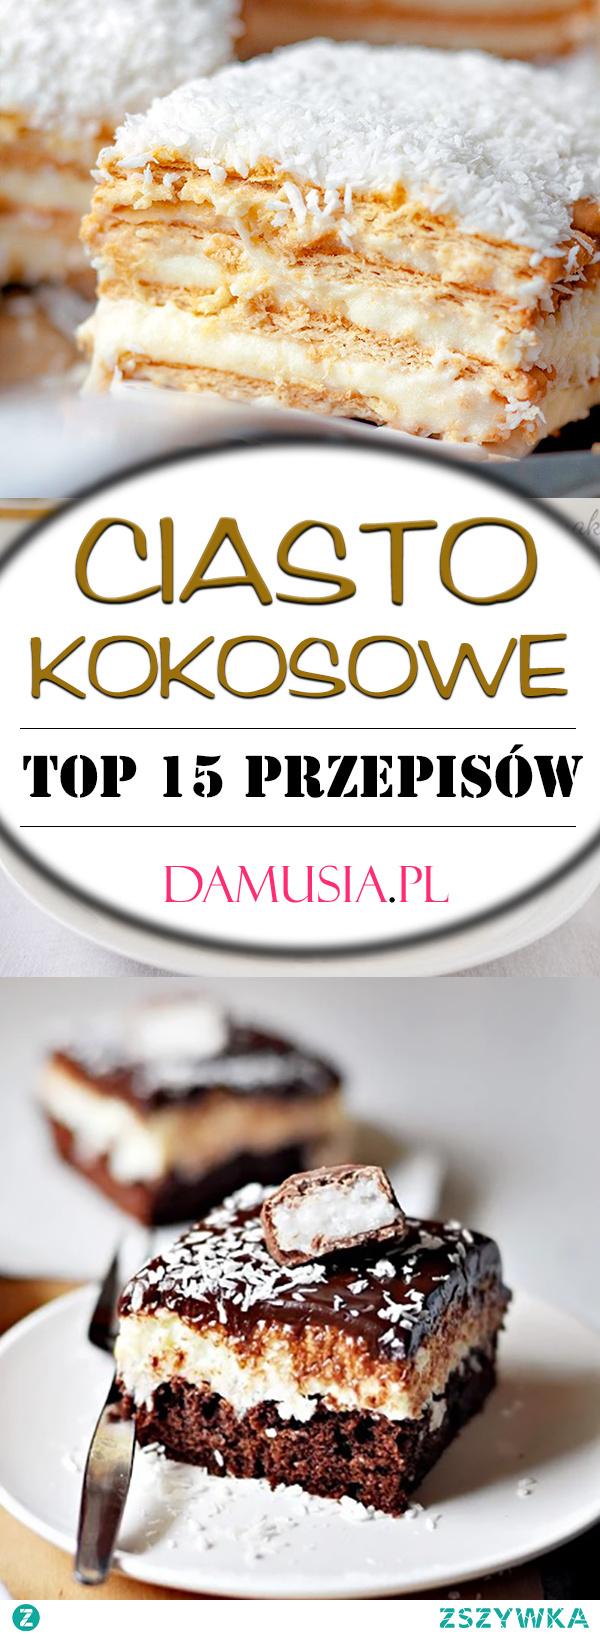 TOP 15 Przepisów na Pyszne Ciasto Kokosowe